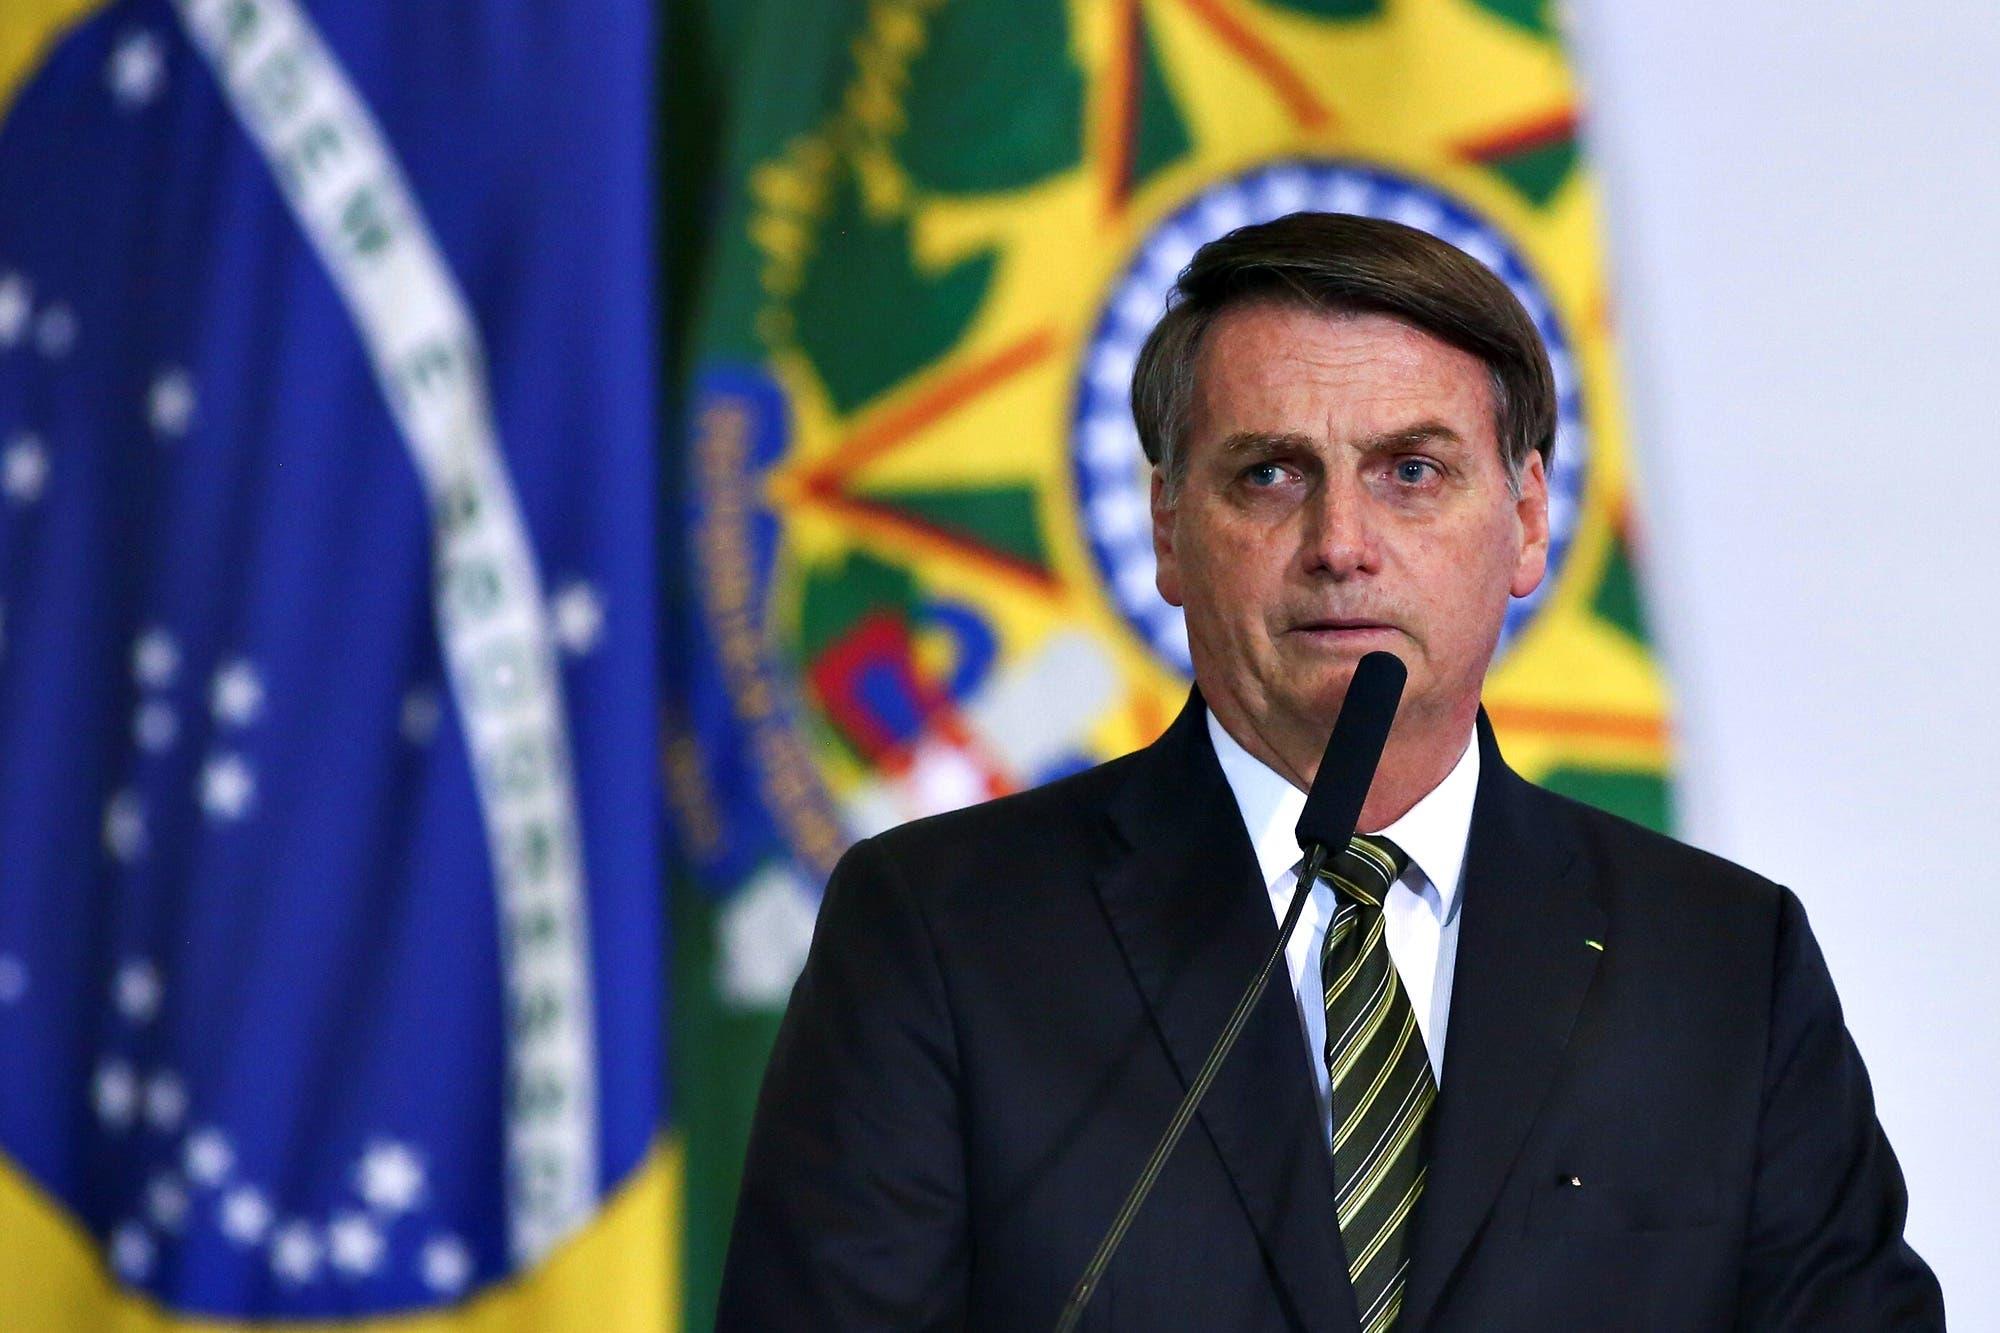 Tensión con Bolsonaro. Piden que el Gobierno actúe porque puso una cuota extra Mercosur sin aranceles al trigo